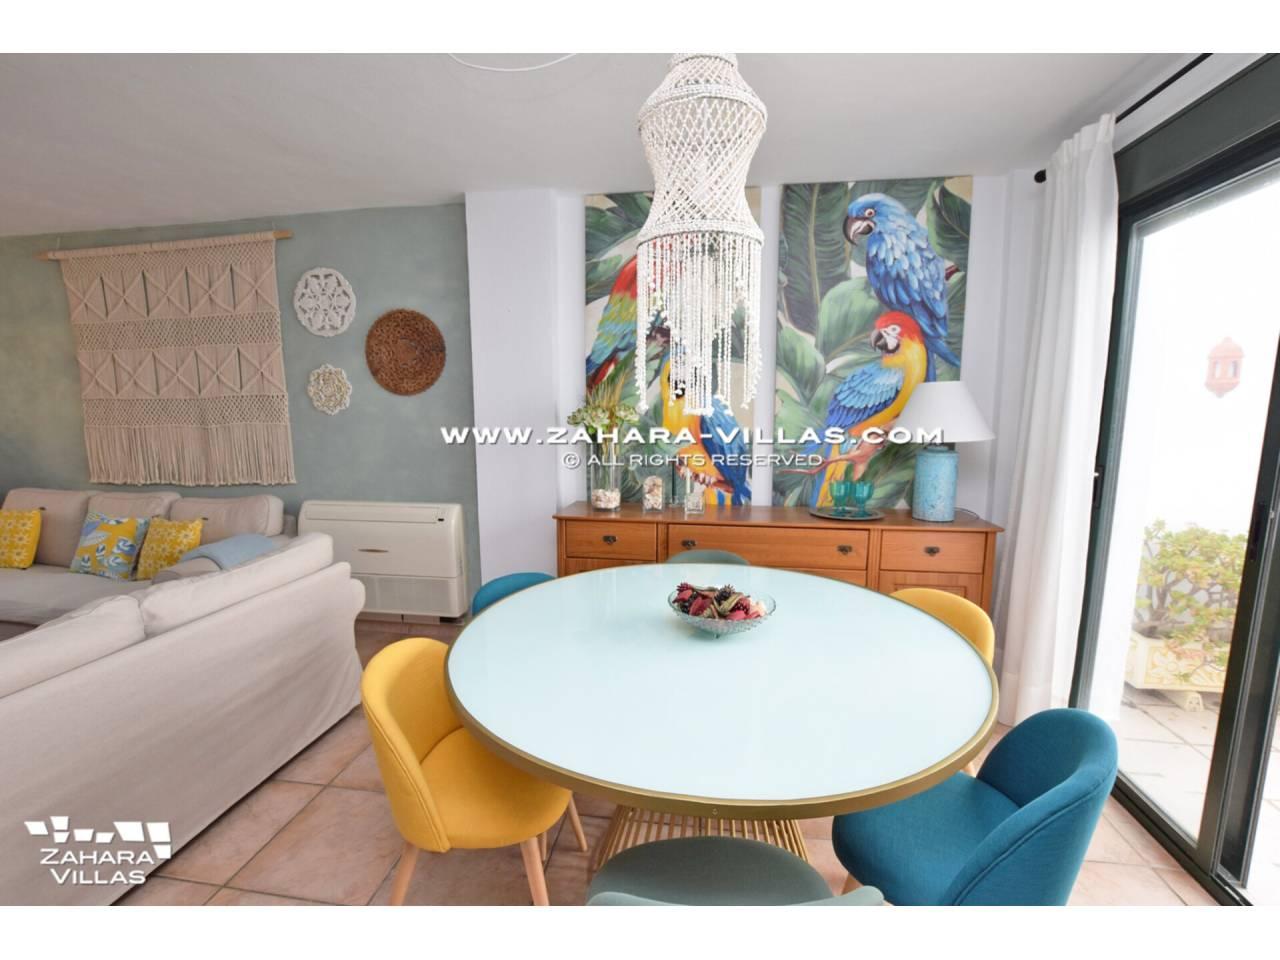 Imagen 14 de Casa Adosada con vistas al mar en venta en Urb. Jardines de Zahara